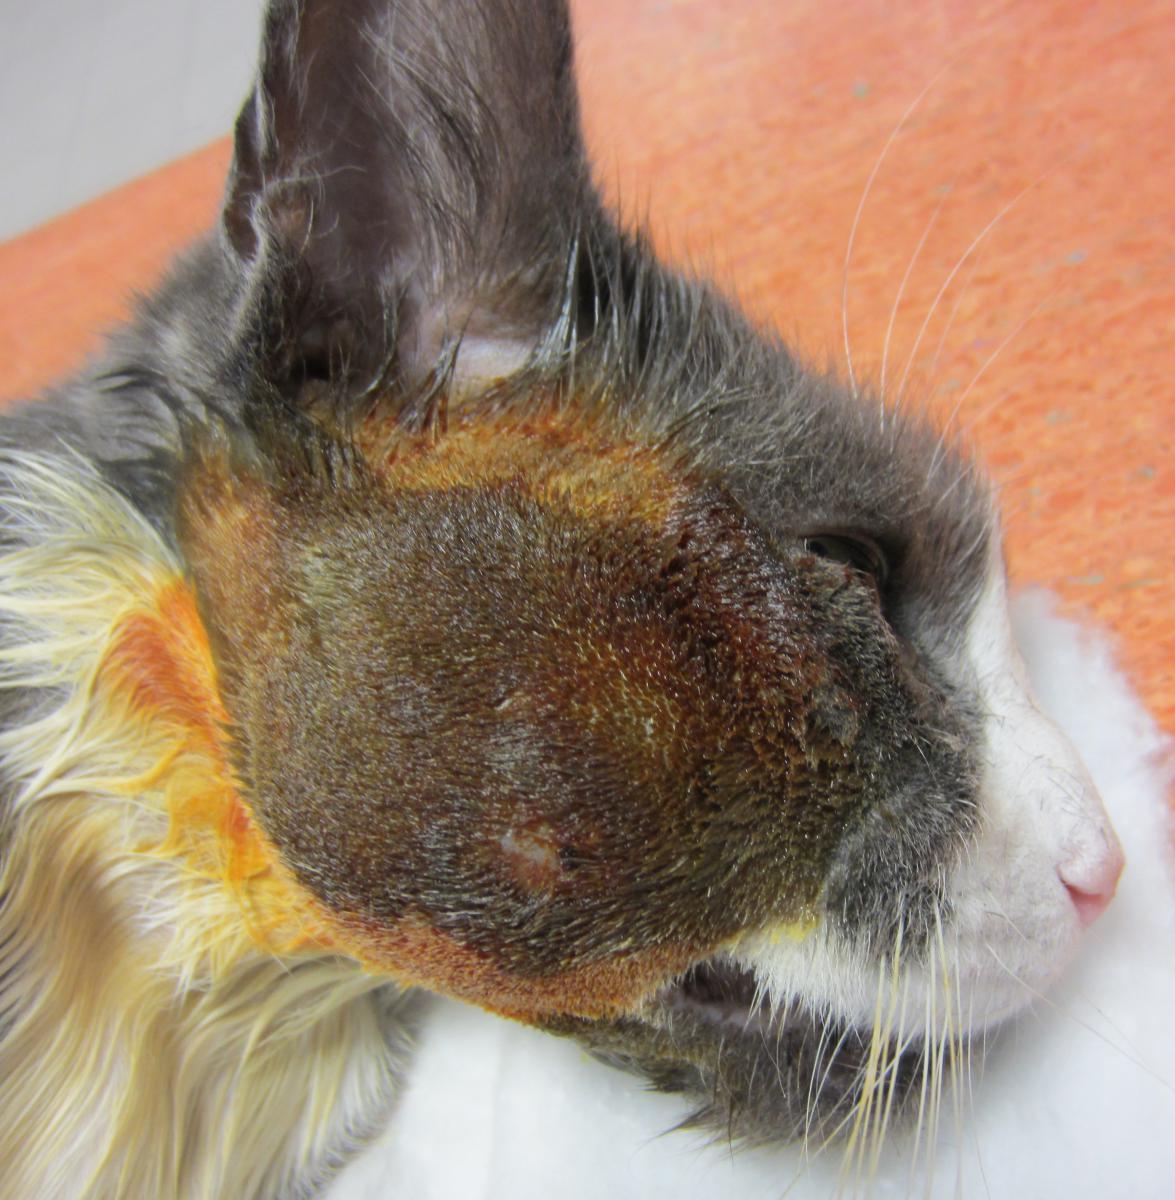 Les abcès de chat - Chat